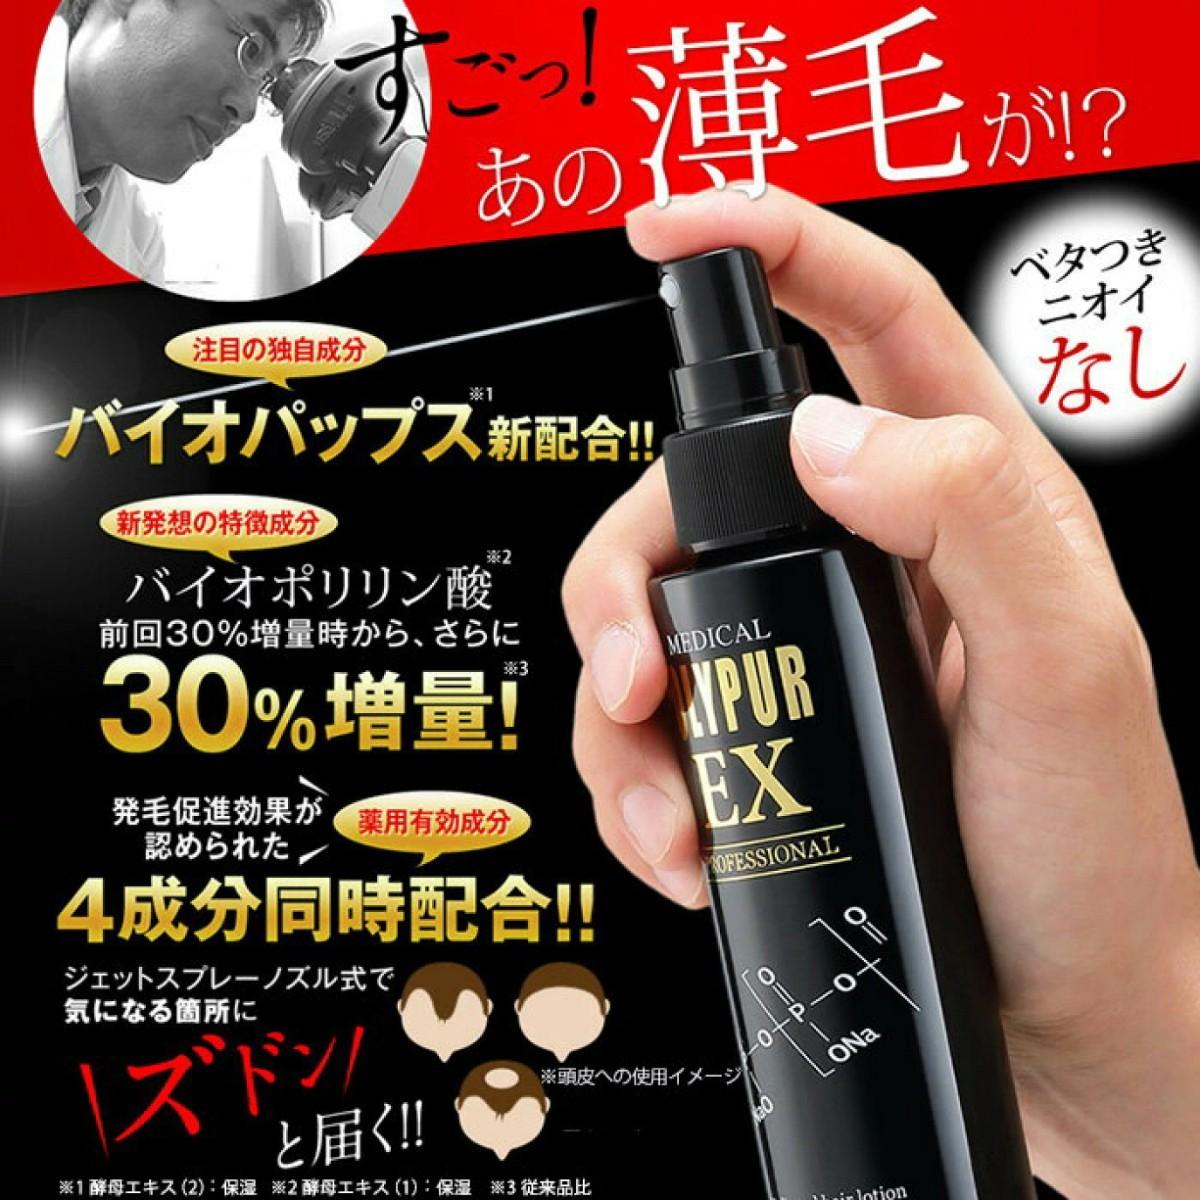 【新品・未使用】薬用ポリピュアEX 120ml 2本セット  シーエスシー